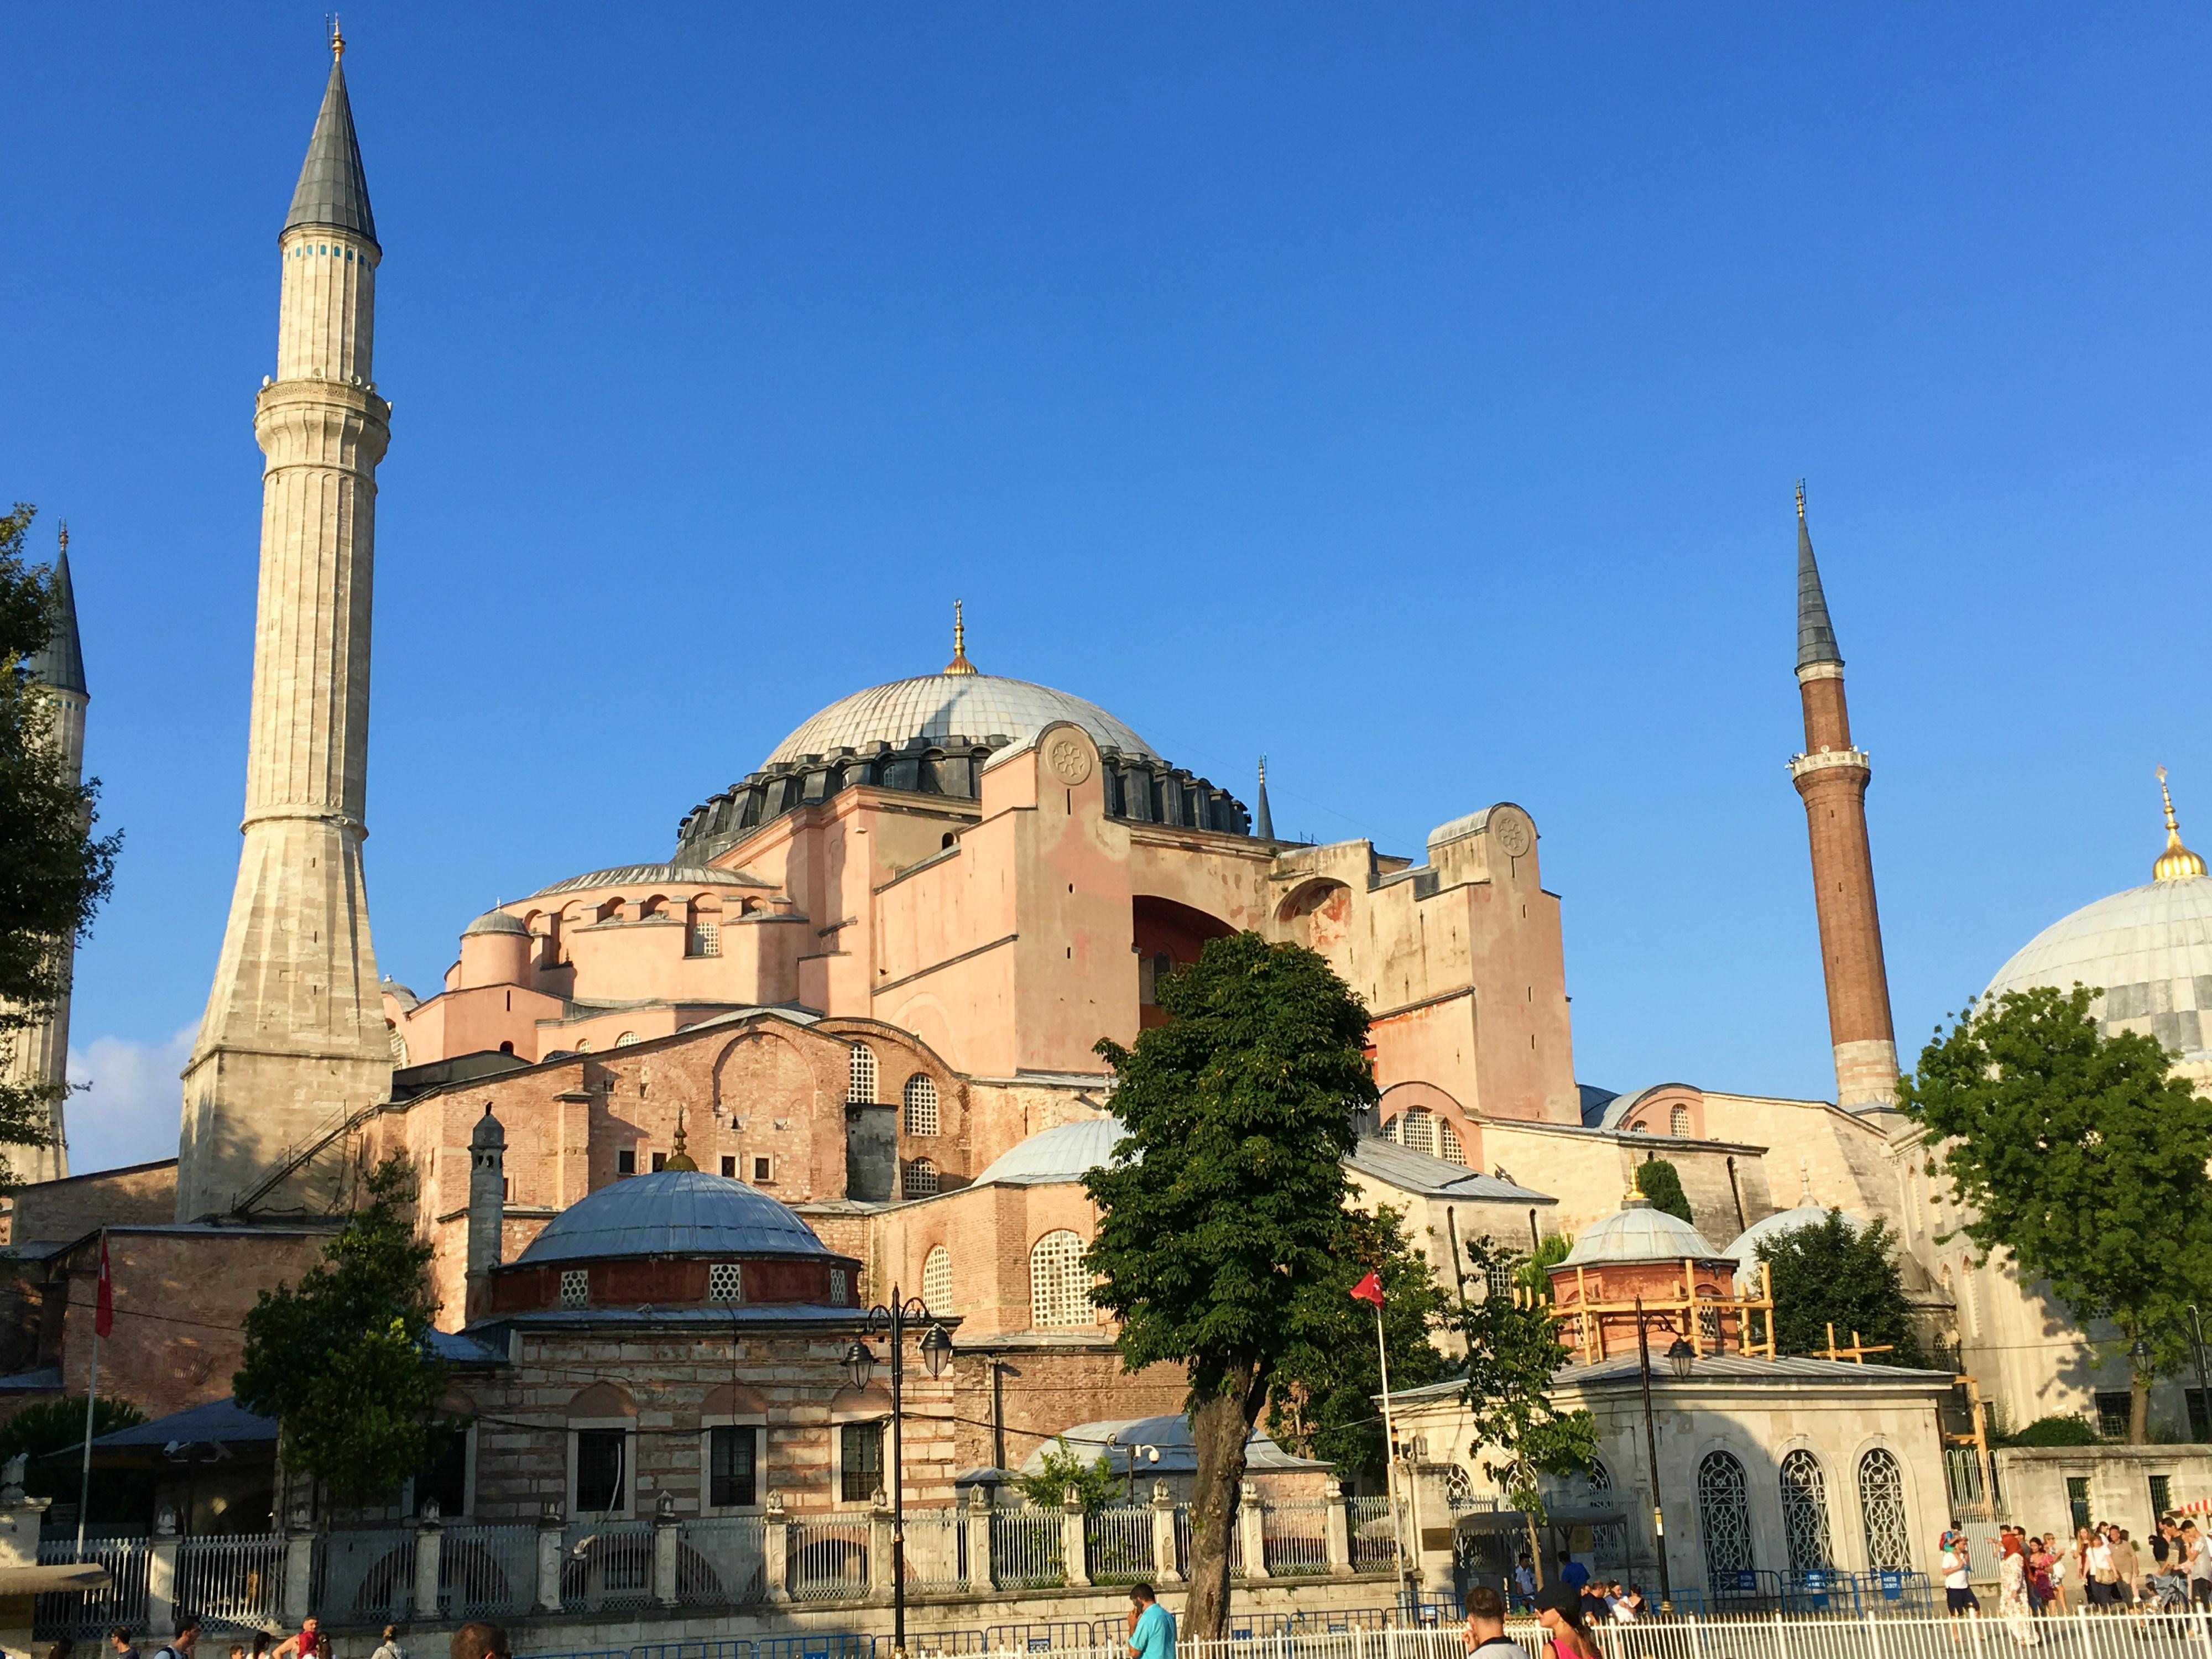 Istambul - Hagia Sophia